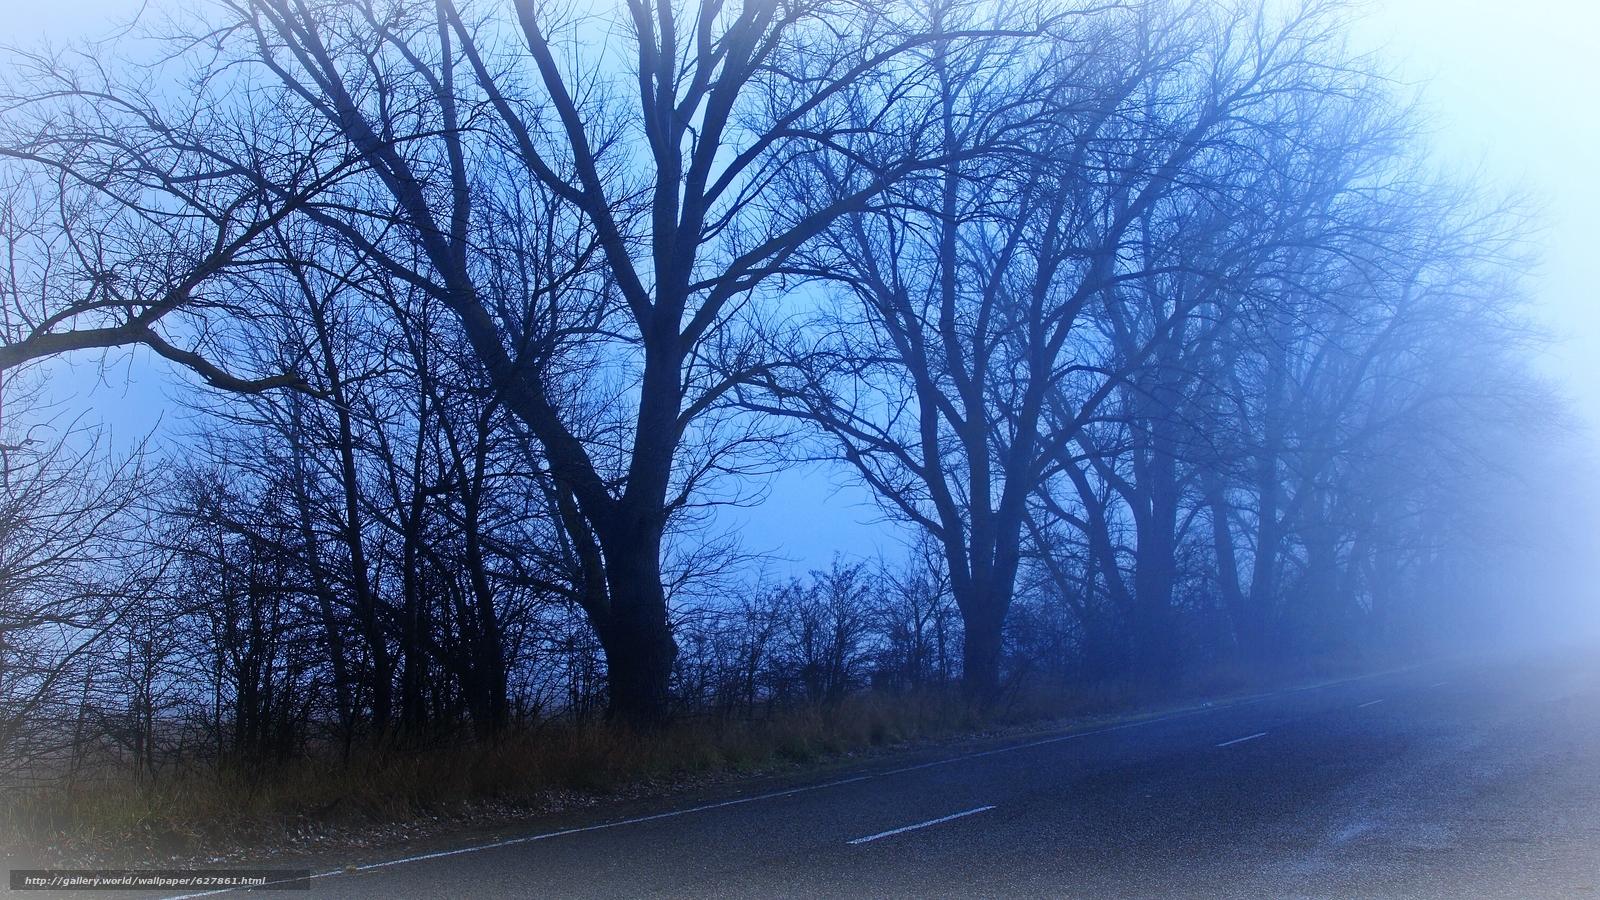 Tlcharger Fond d'ecran route,  DAWN,  brouillard,  arbres Fonds d'ecran gratuits pour votre rsolution du bureau 6000x3376 — image №627861